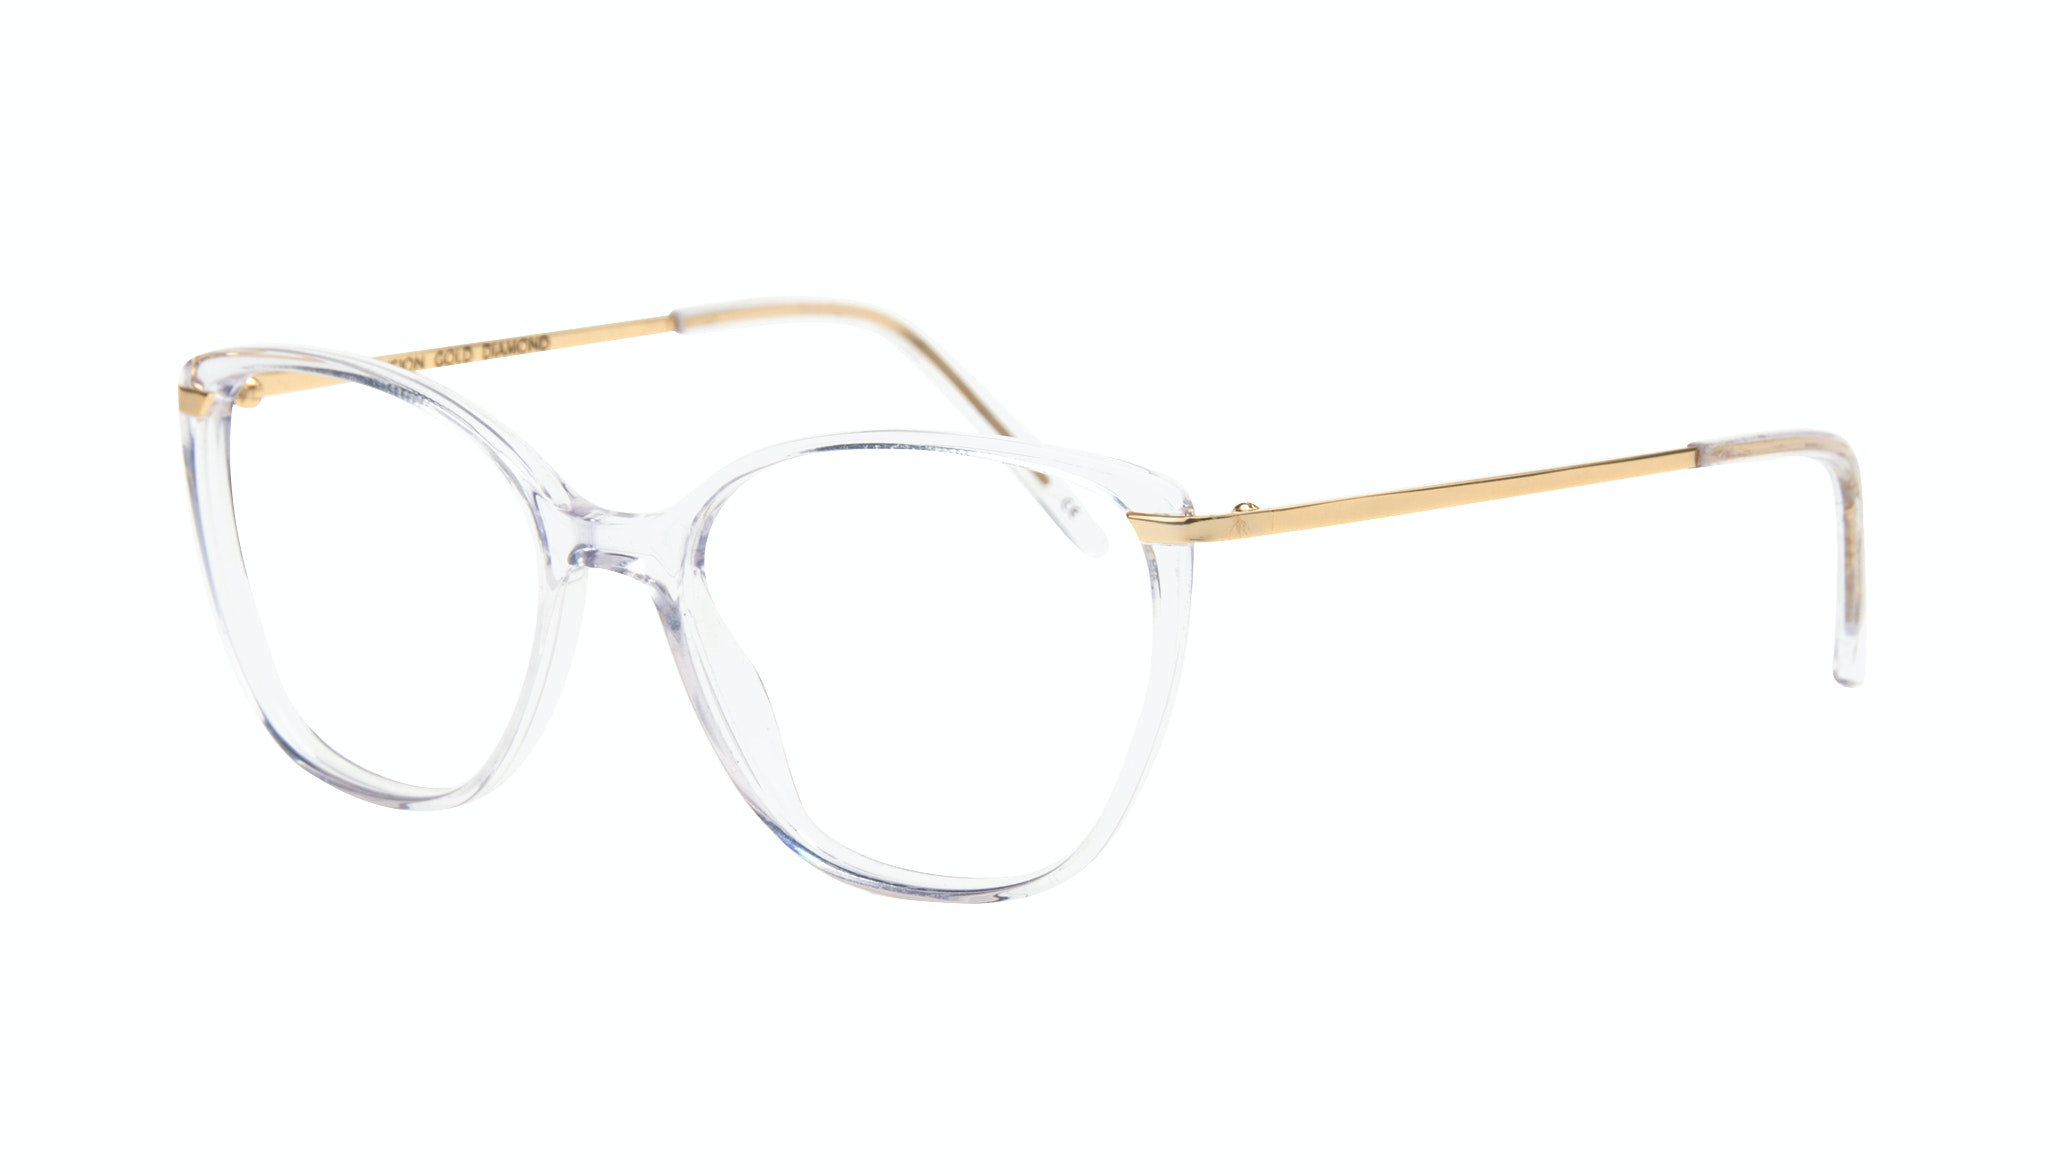 Lunettes tendance Oeil de chat Rectangle Carrée Lunettes de vue Femmes Illusion Gold Diamond Incliné